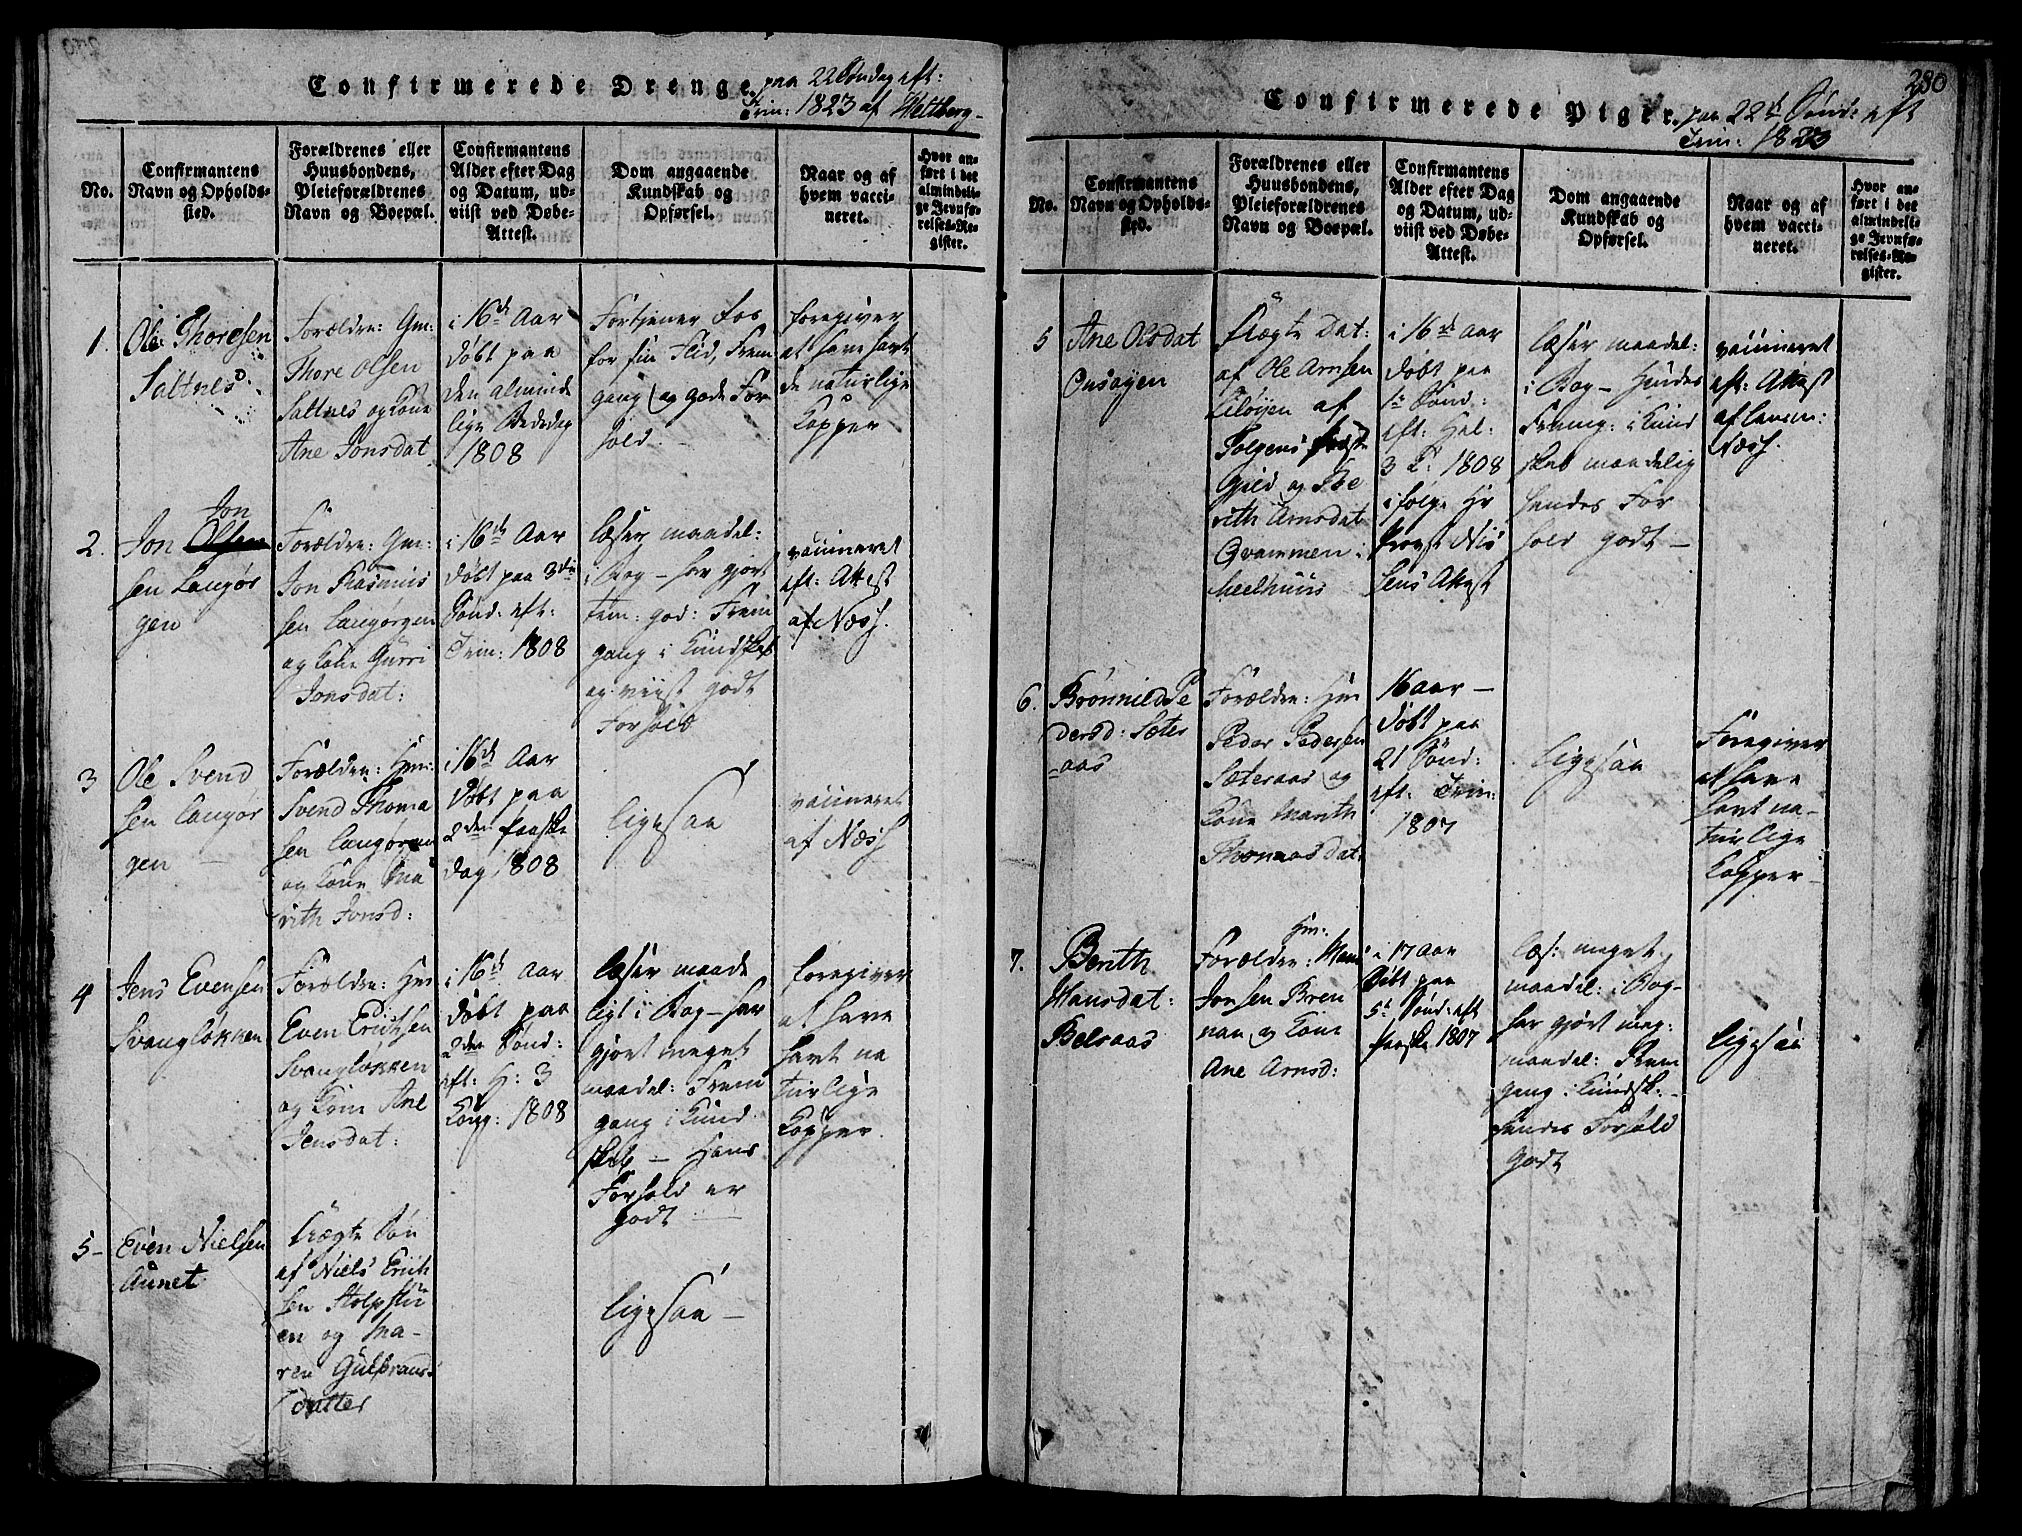 SAT, Ministerialprotokoller, klokkerbøker og fødselsregistre - Sør-Trøndelag, 612/L0373: Ministerialbok nr. 612A06 /2, 1816-1828, s. 280